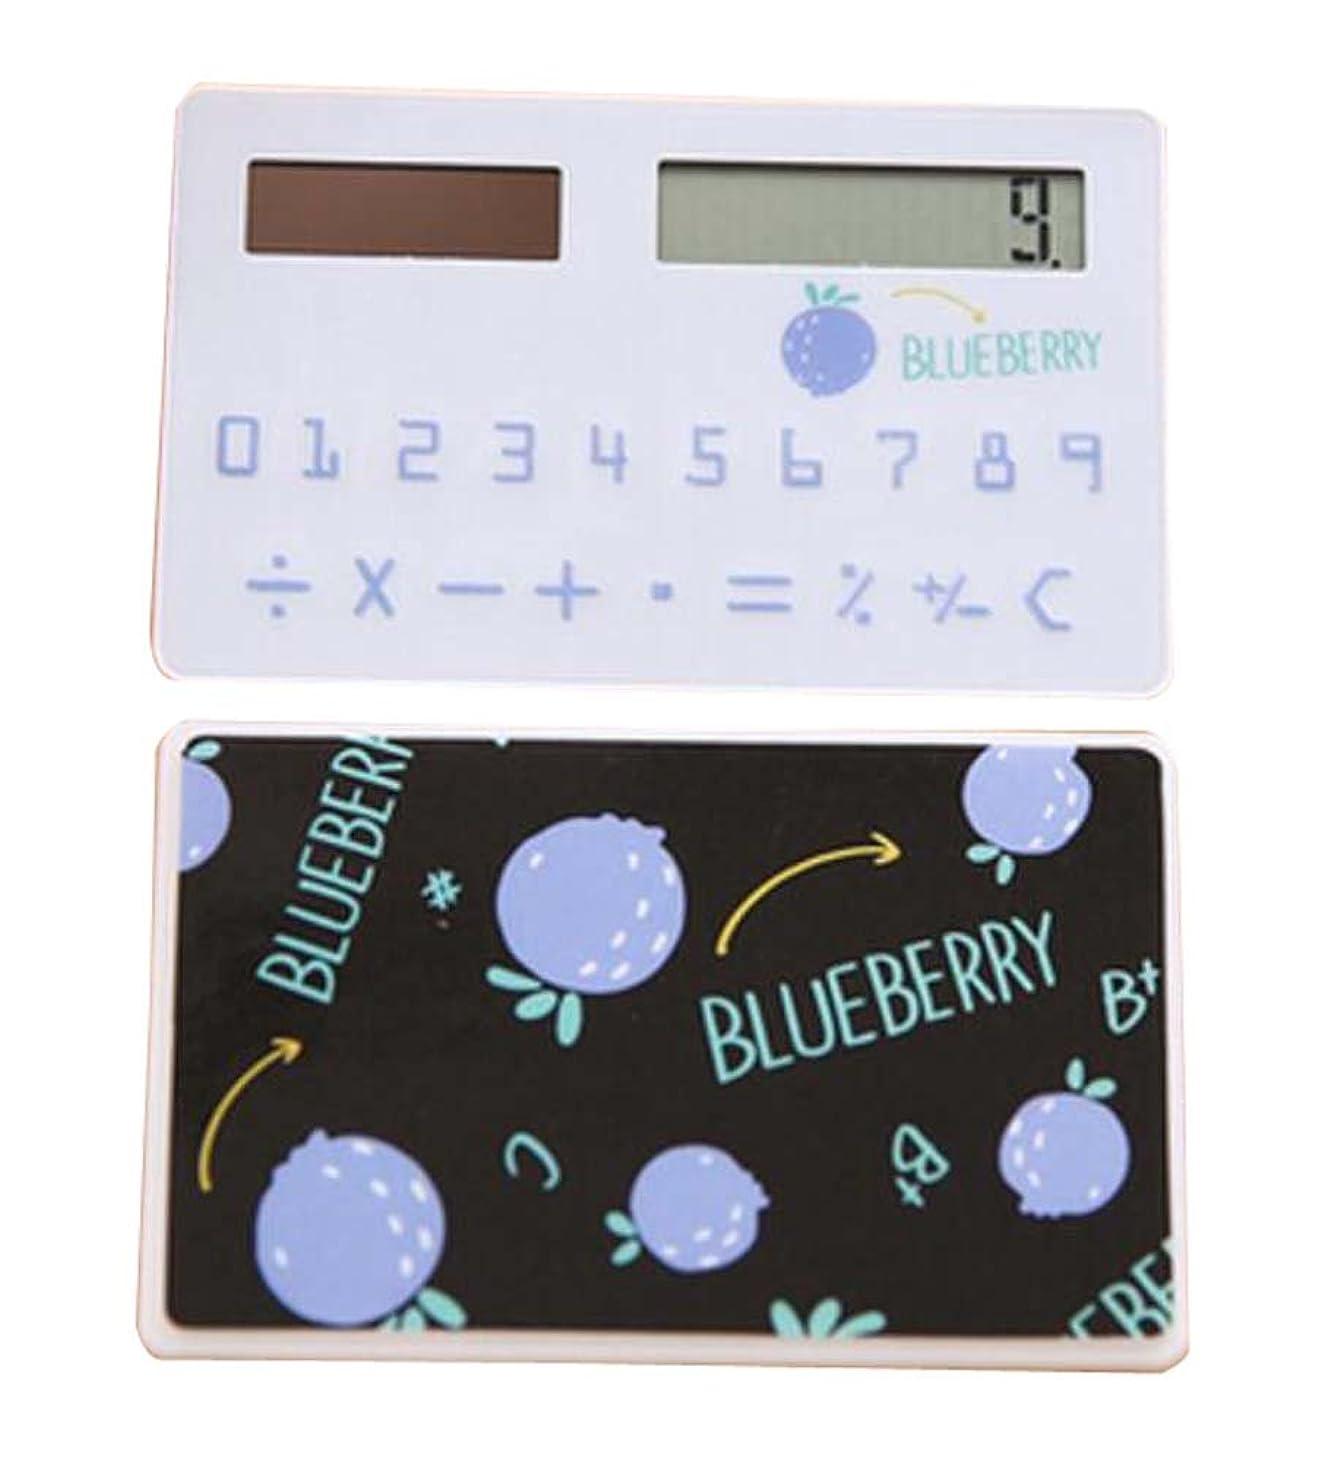 本質的にに沿ってペンダントクリエイティブソーラー電卓、かわいいミニ電卓、ブルーベリー